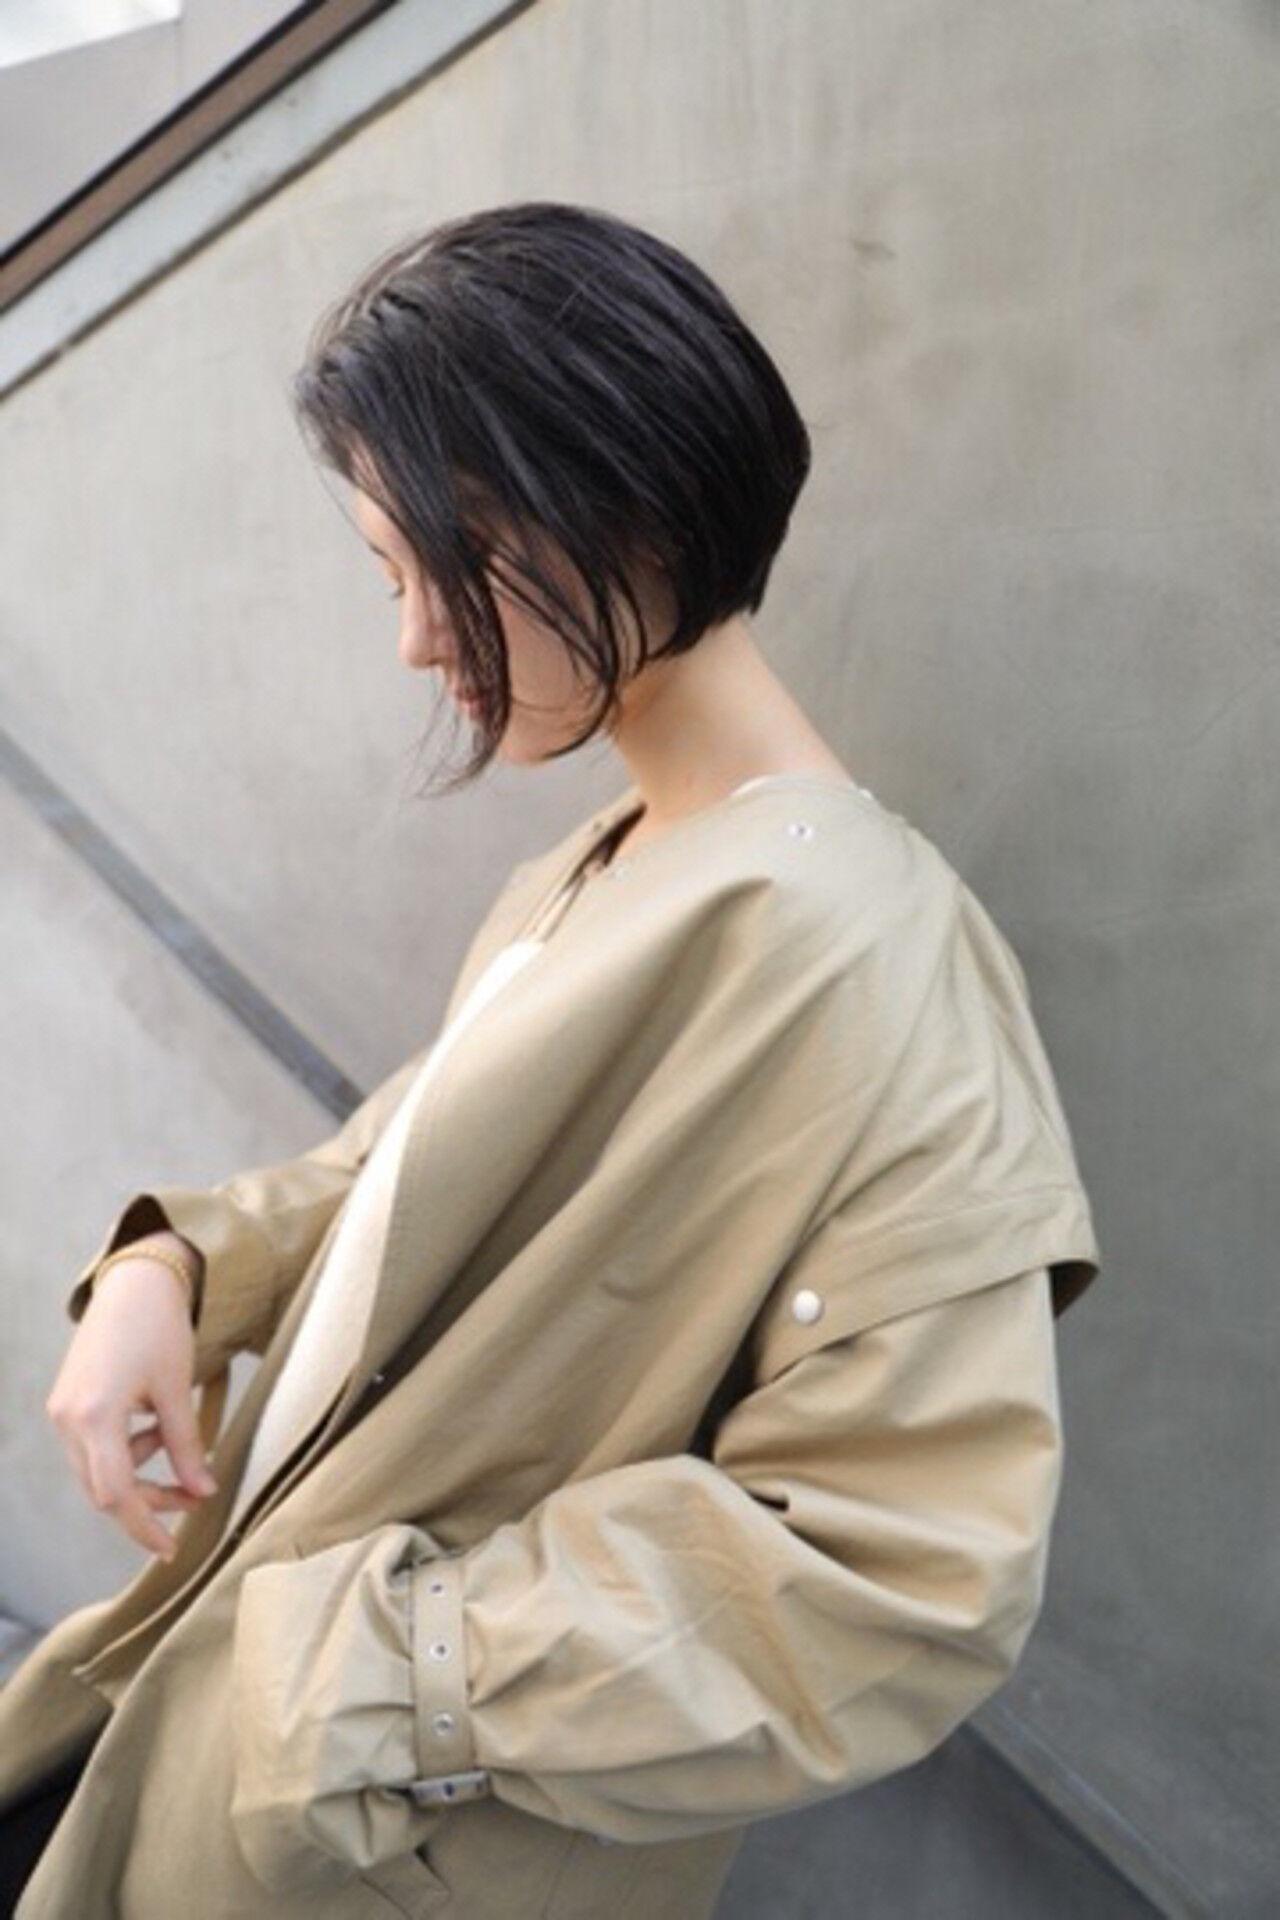 Kazuya/tricca